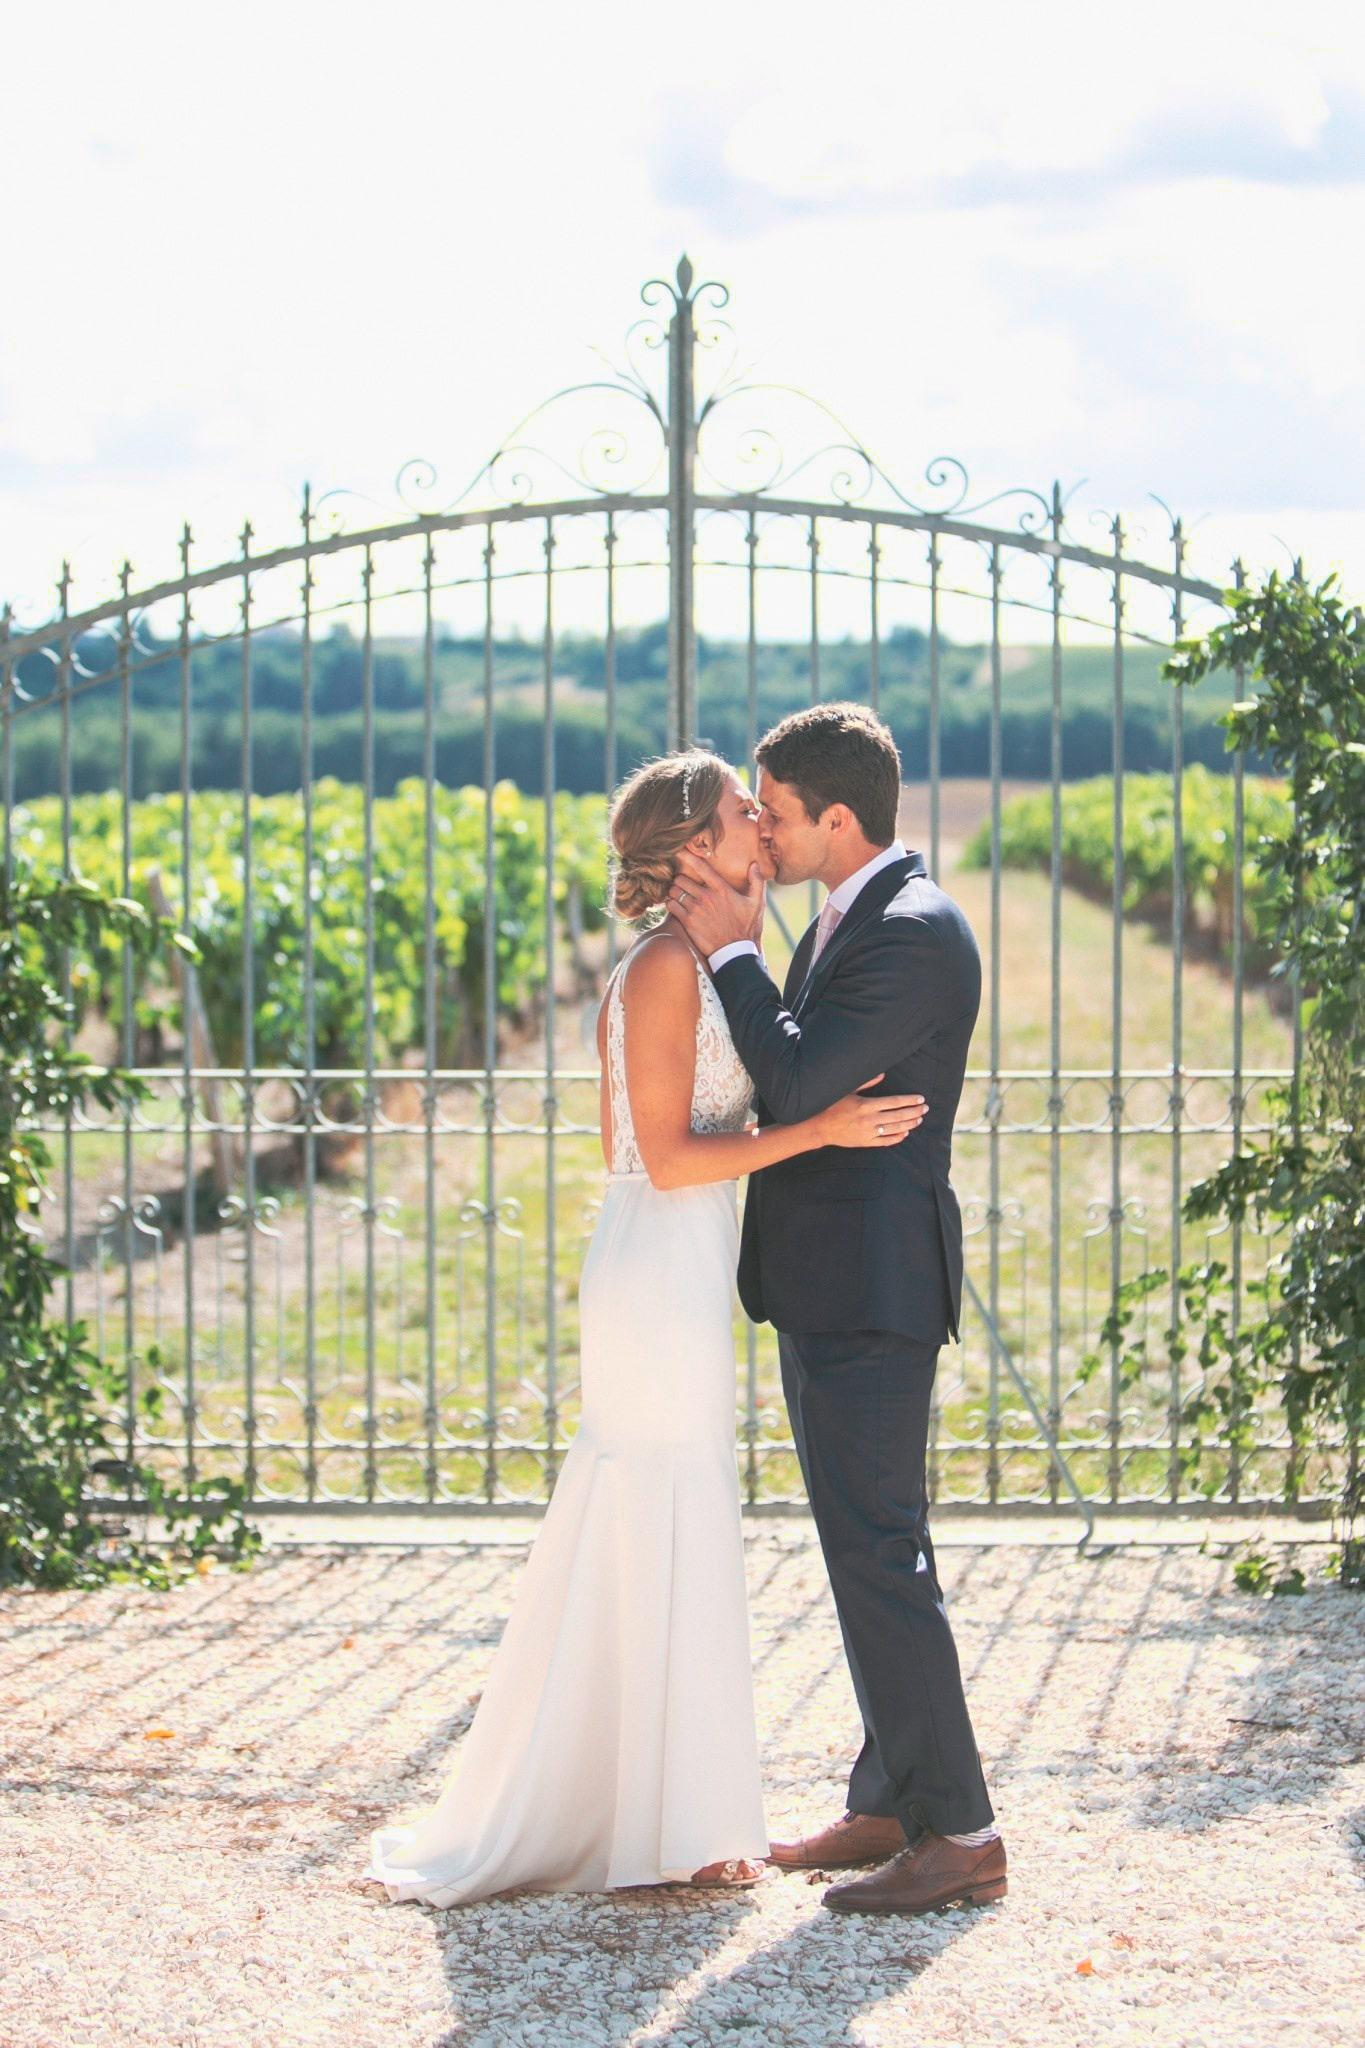 Baiser d'un couple qui se marie. Organisation du mariage par l'Agence Amoren. événement à Birac, La Vue France. Photo prise par Anneli Marinovich.